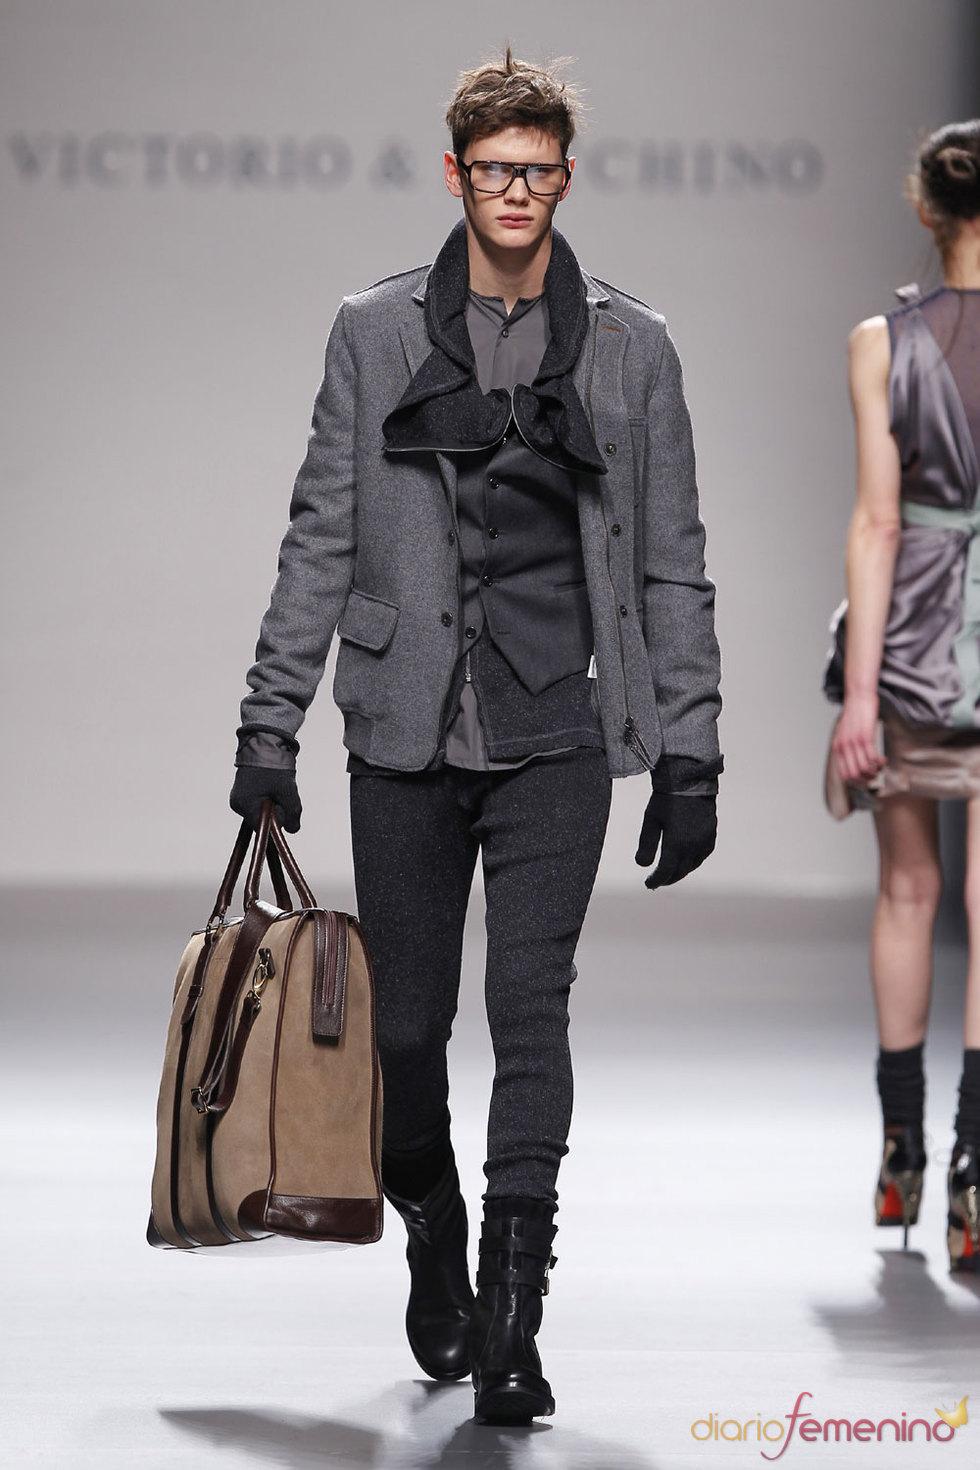 Moda Hombre Cibeles 2010 de Victorio & Lucchino